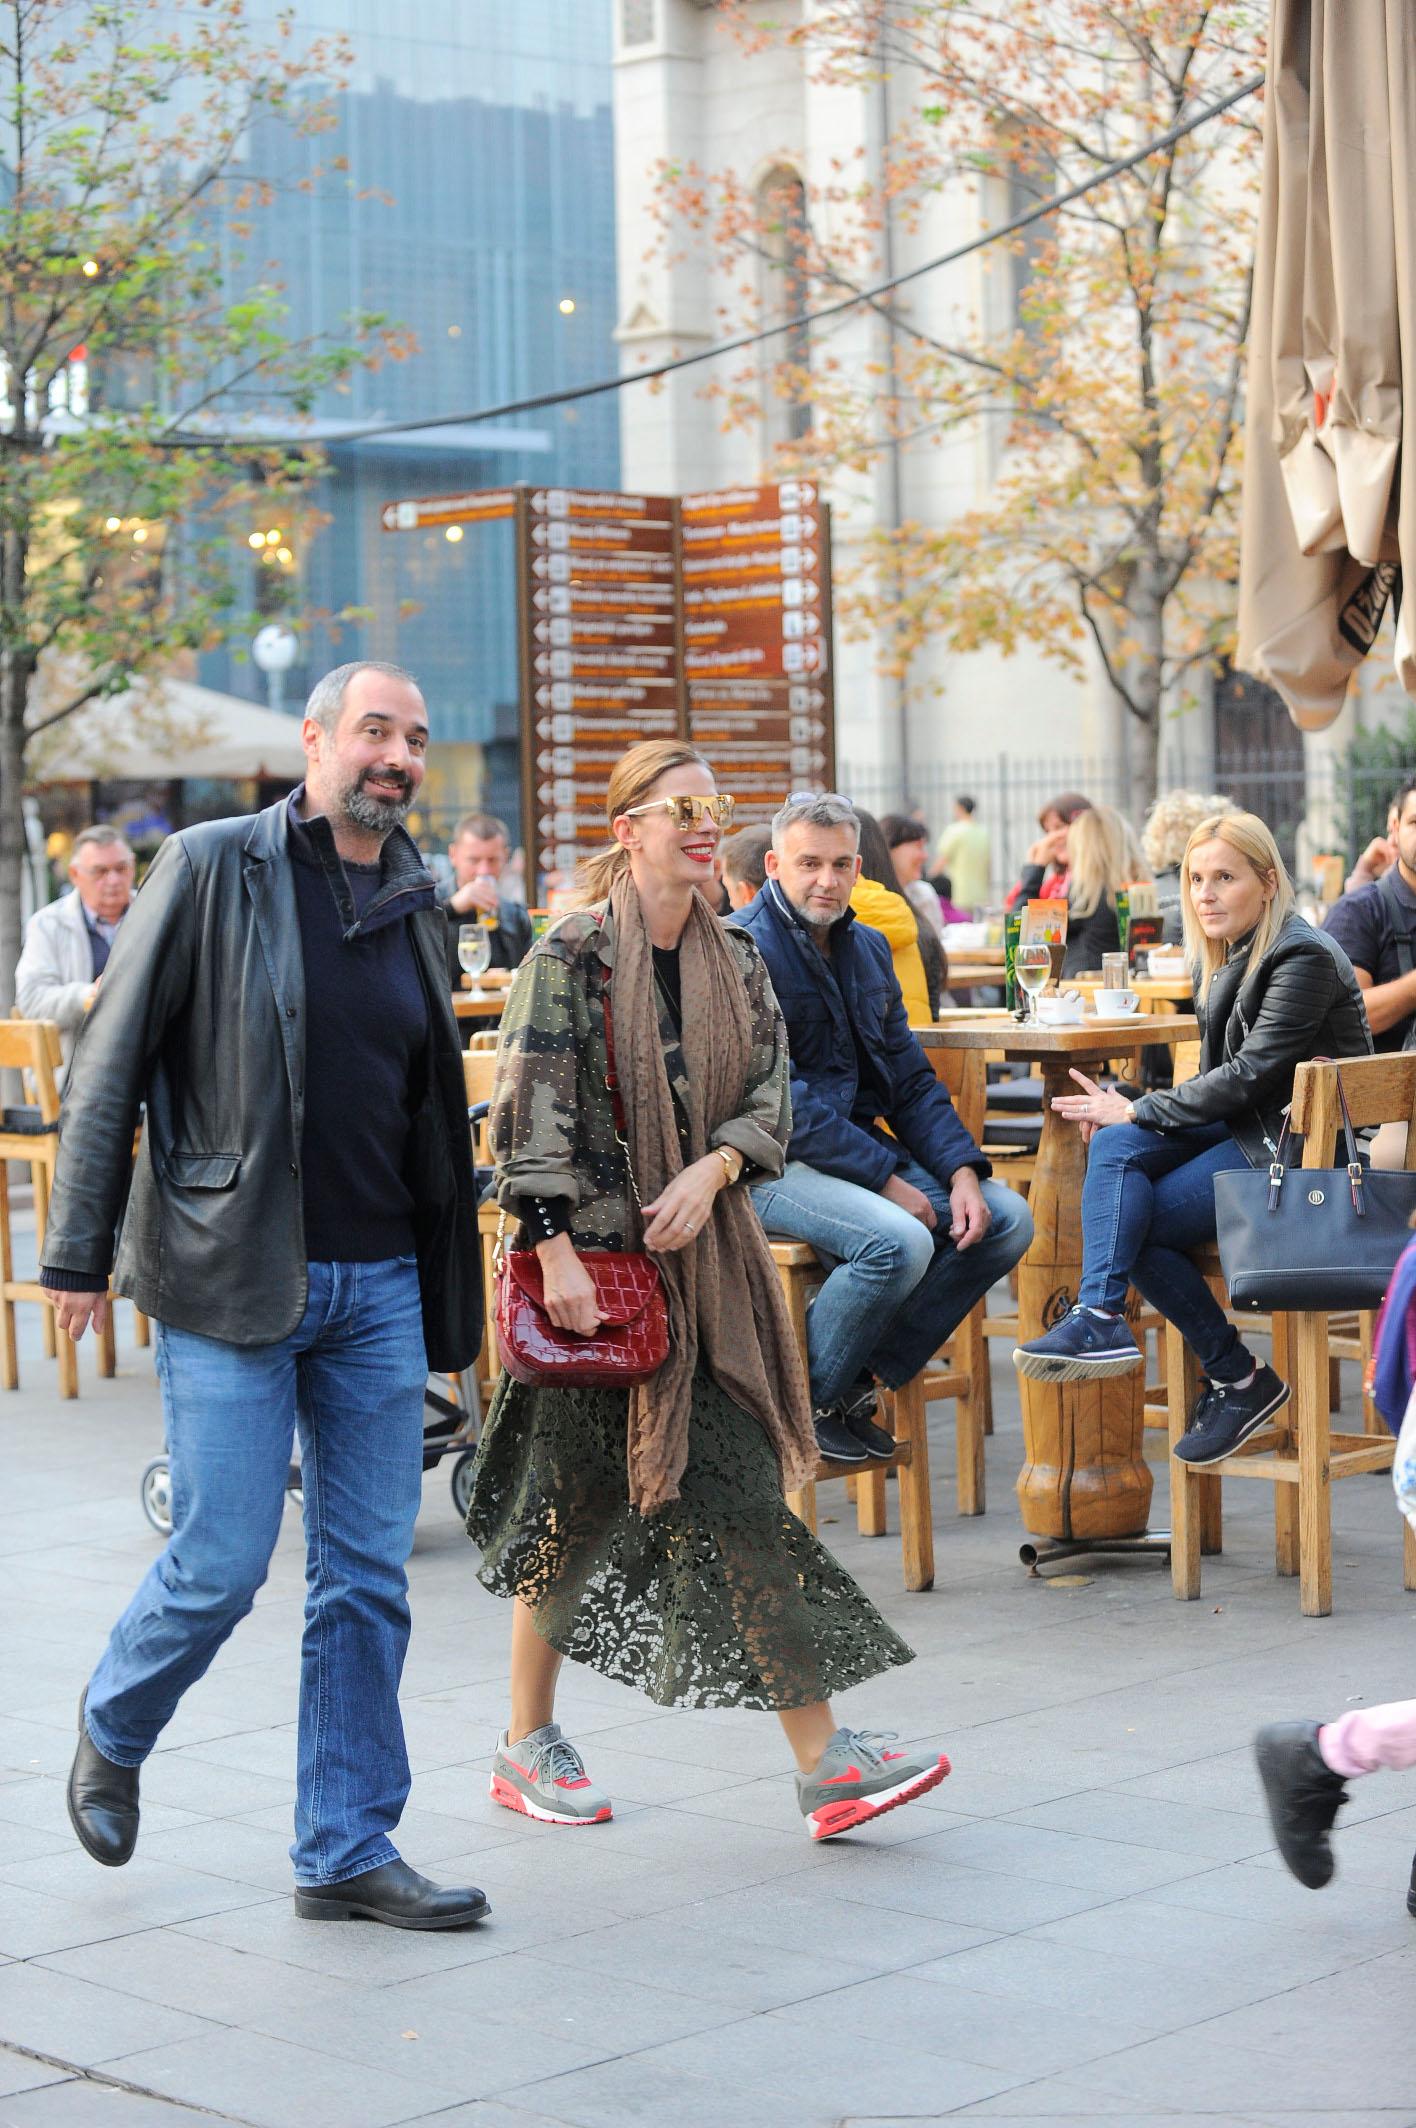 Spica / Zagreb 19.10.2018. / foto: Davor Matota / Bojana Gregoric Vejzovic i suprug enes vejzovic